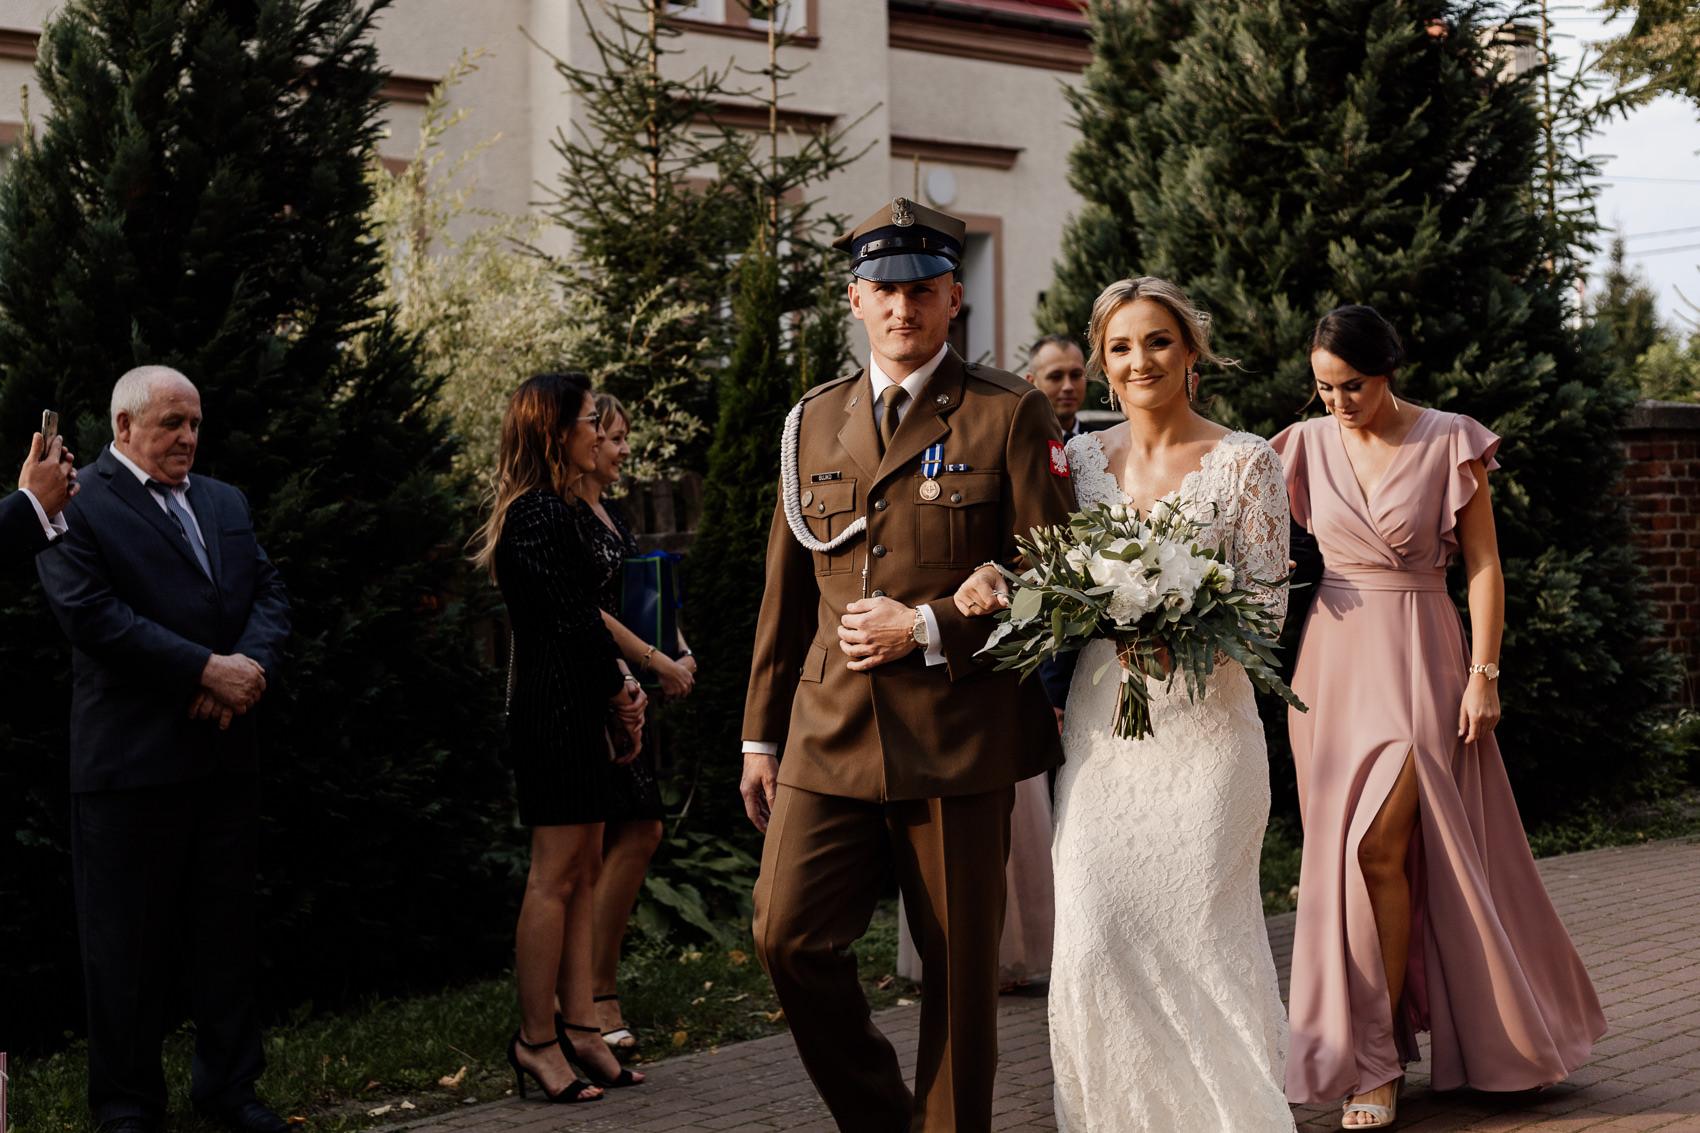 panstwo mlodzi idą do ślubu